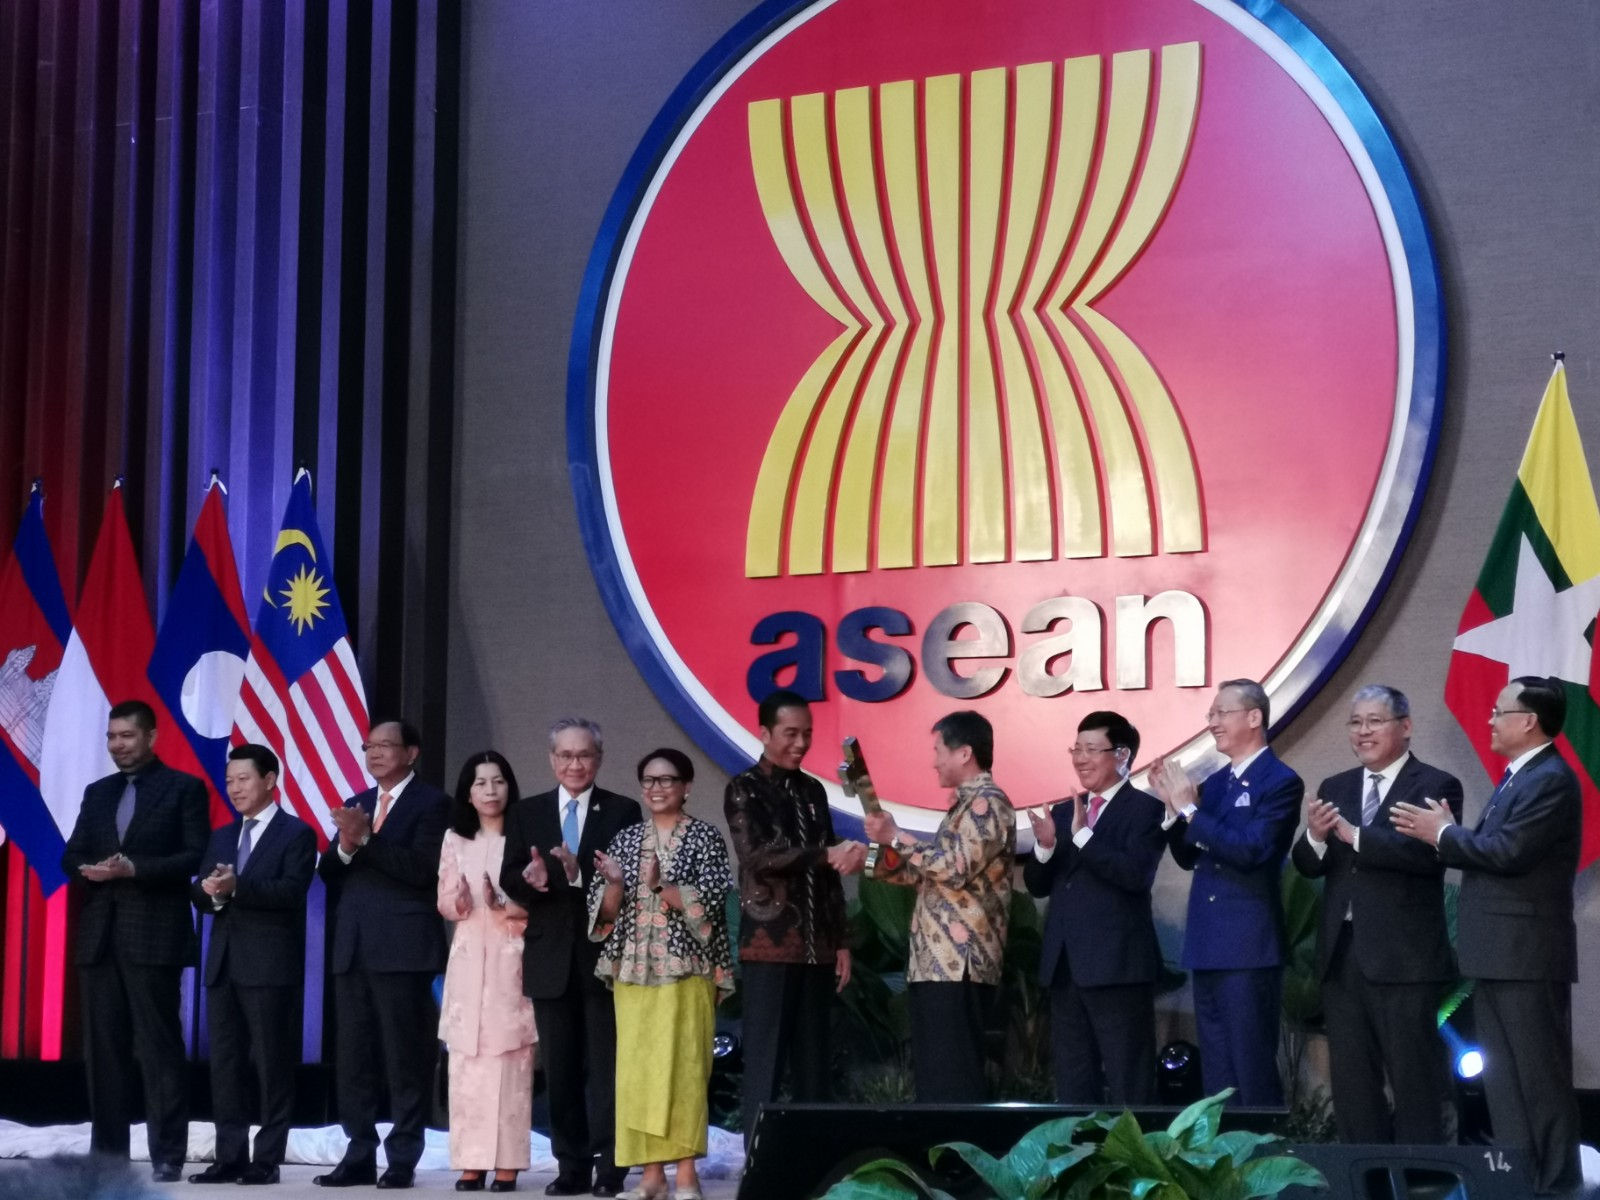 东盟秘书处新办公楼启用 印尼总统和东盟高官出席仪式